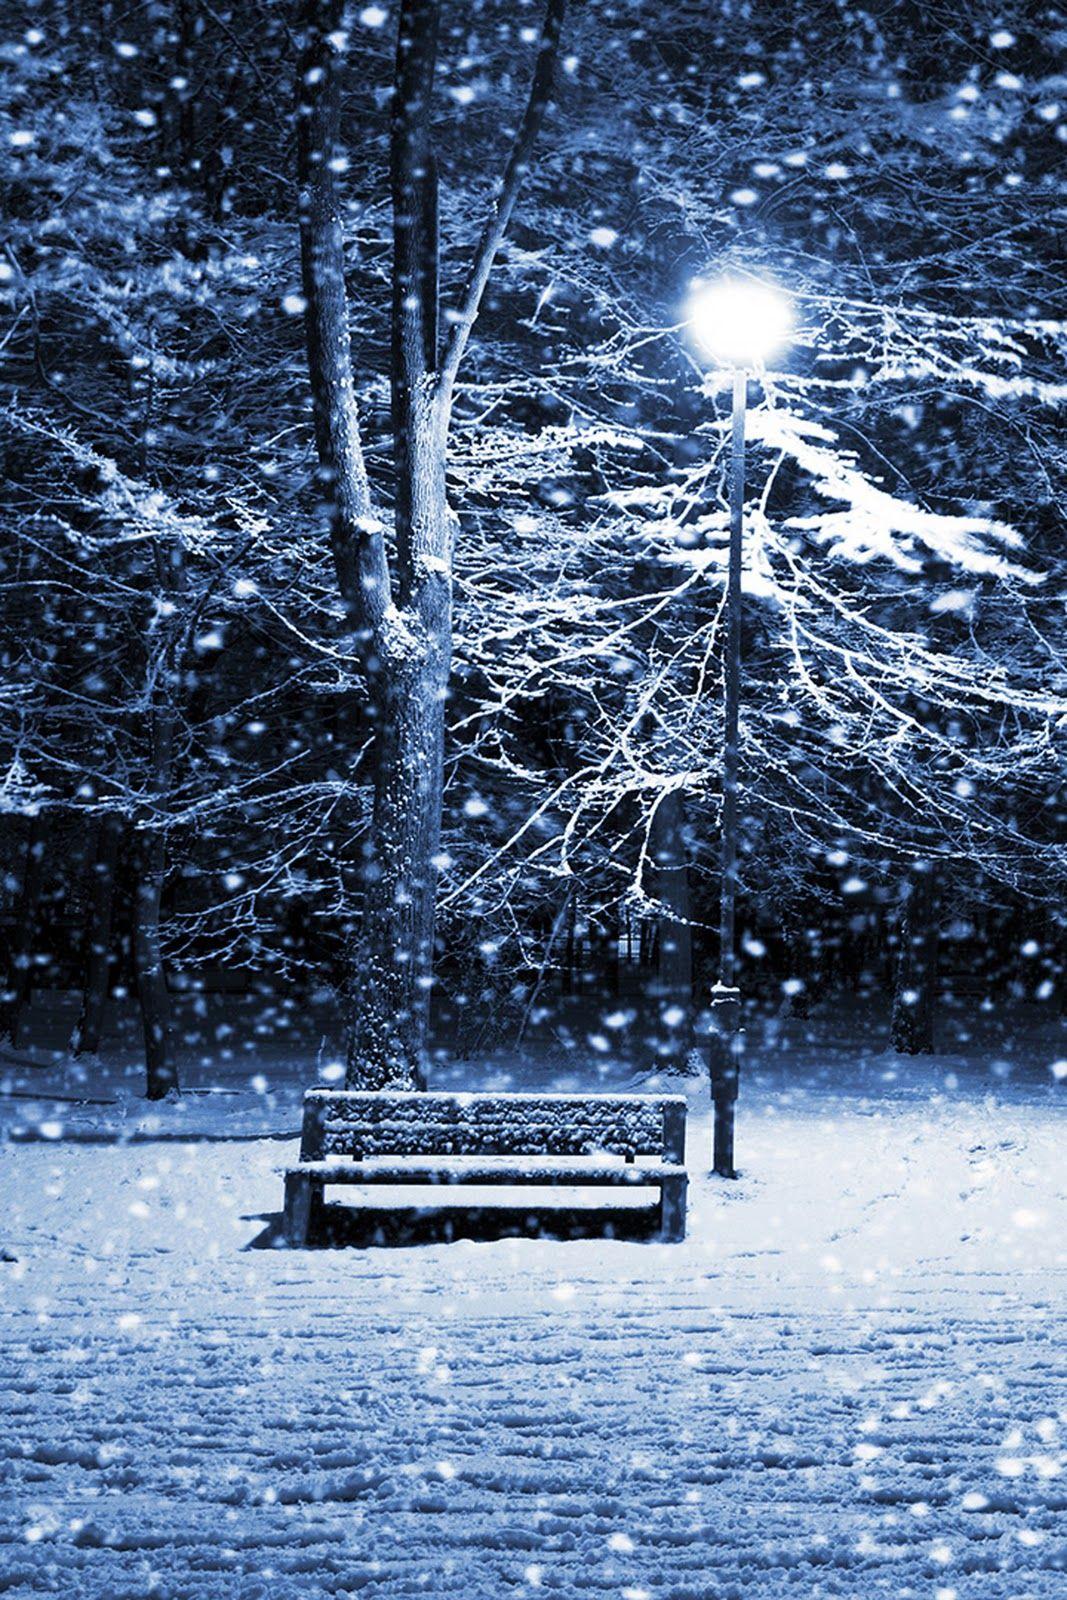 Wallpaper iphone winter - Winter Park Wallpaper